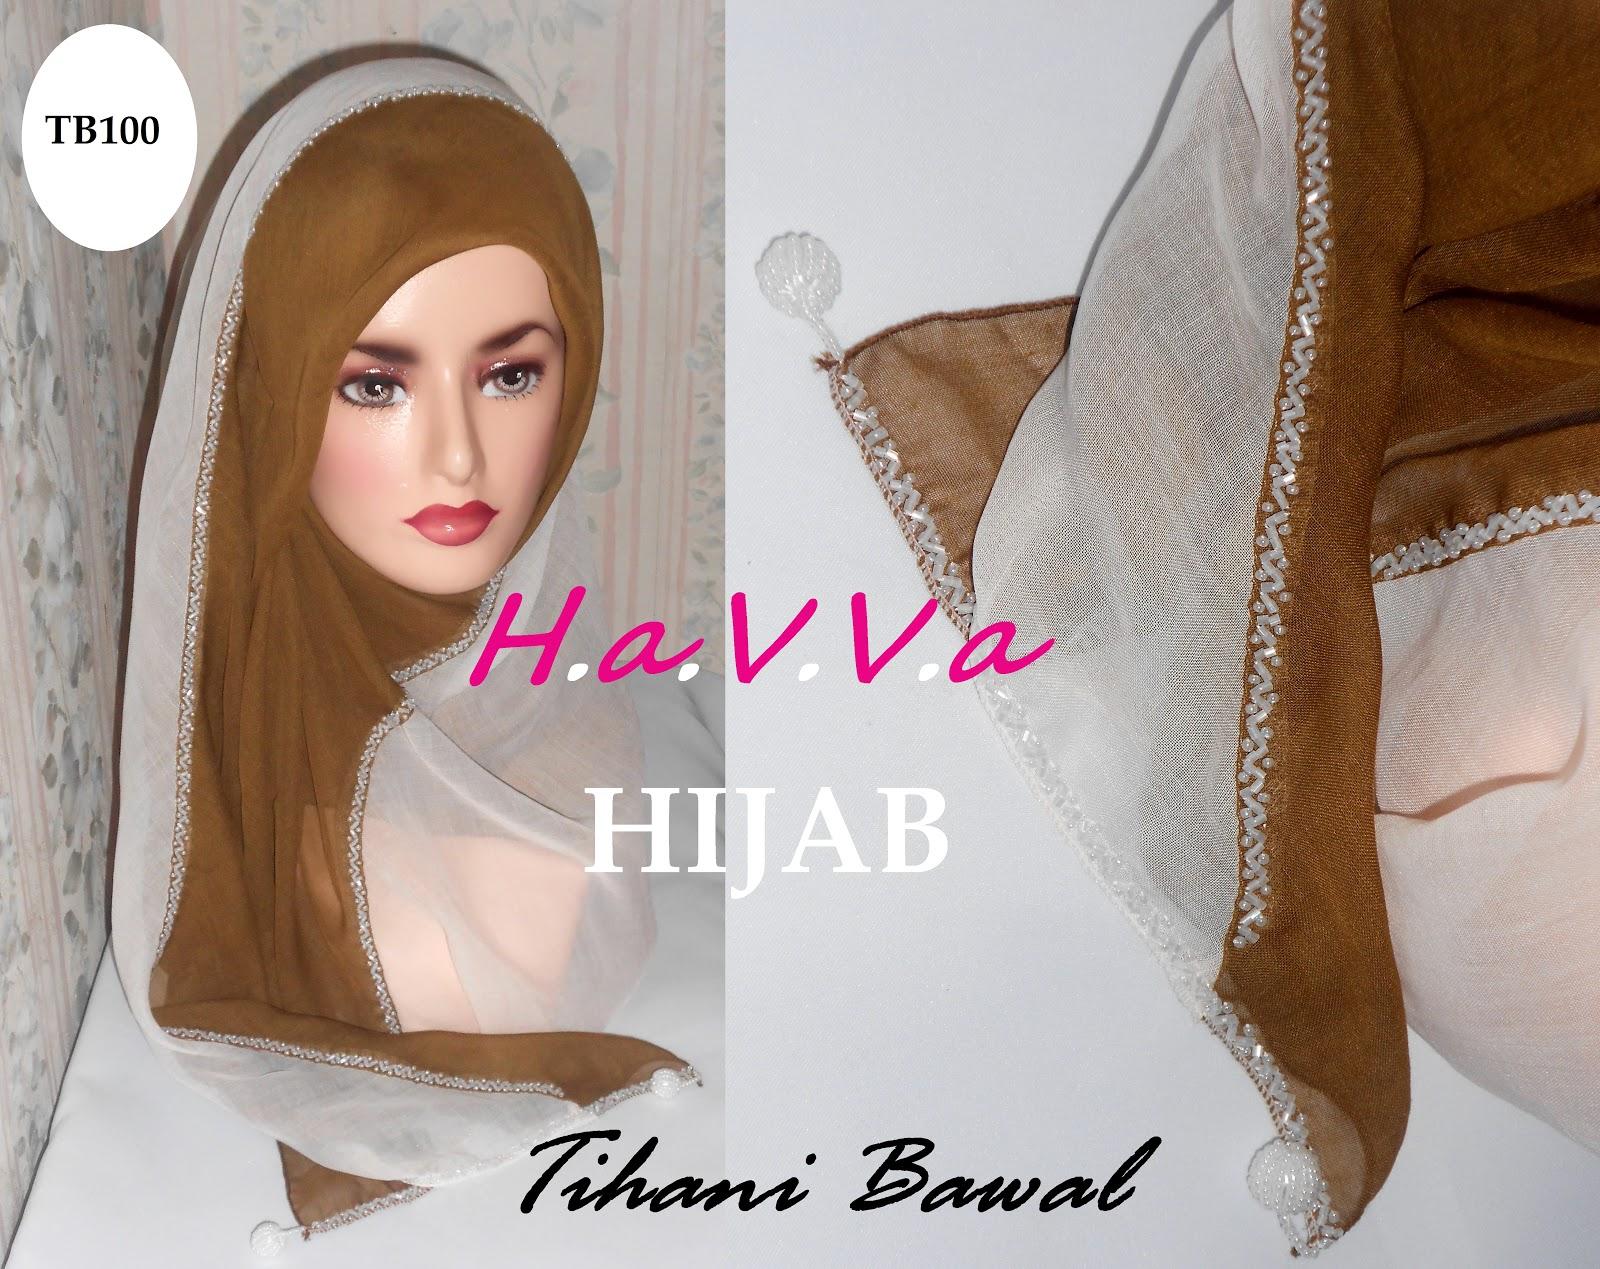 Tihani Bawal